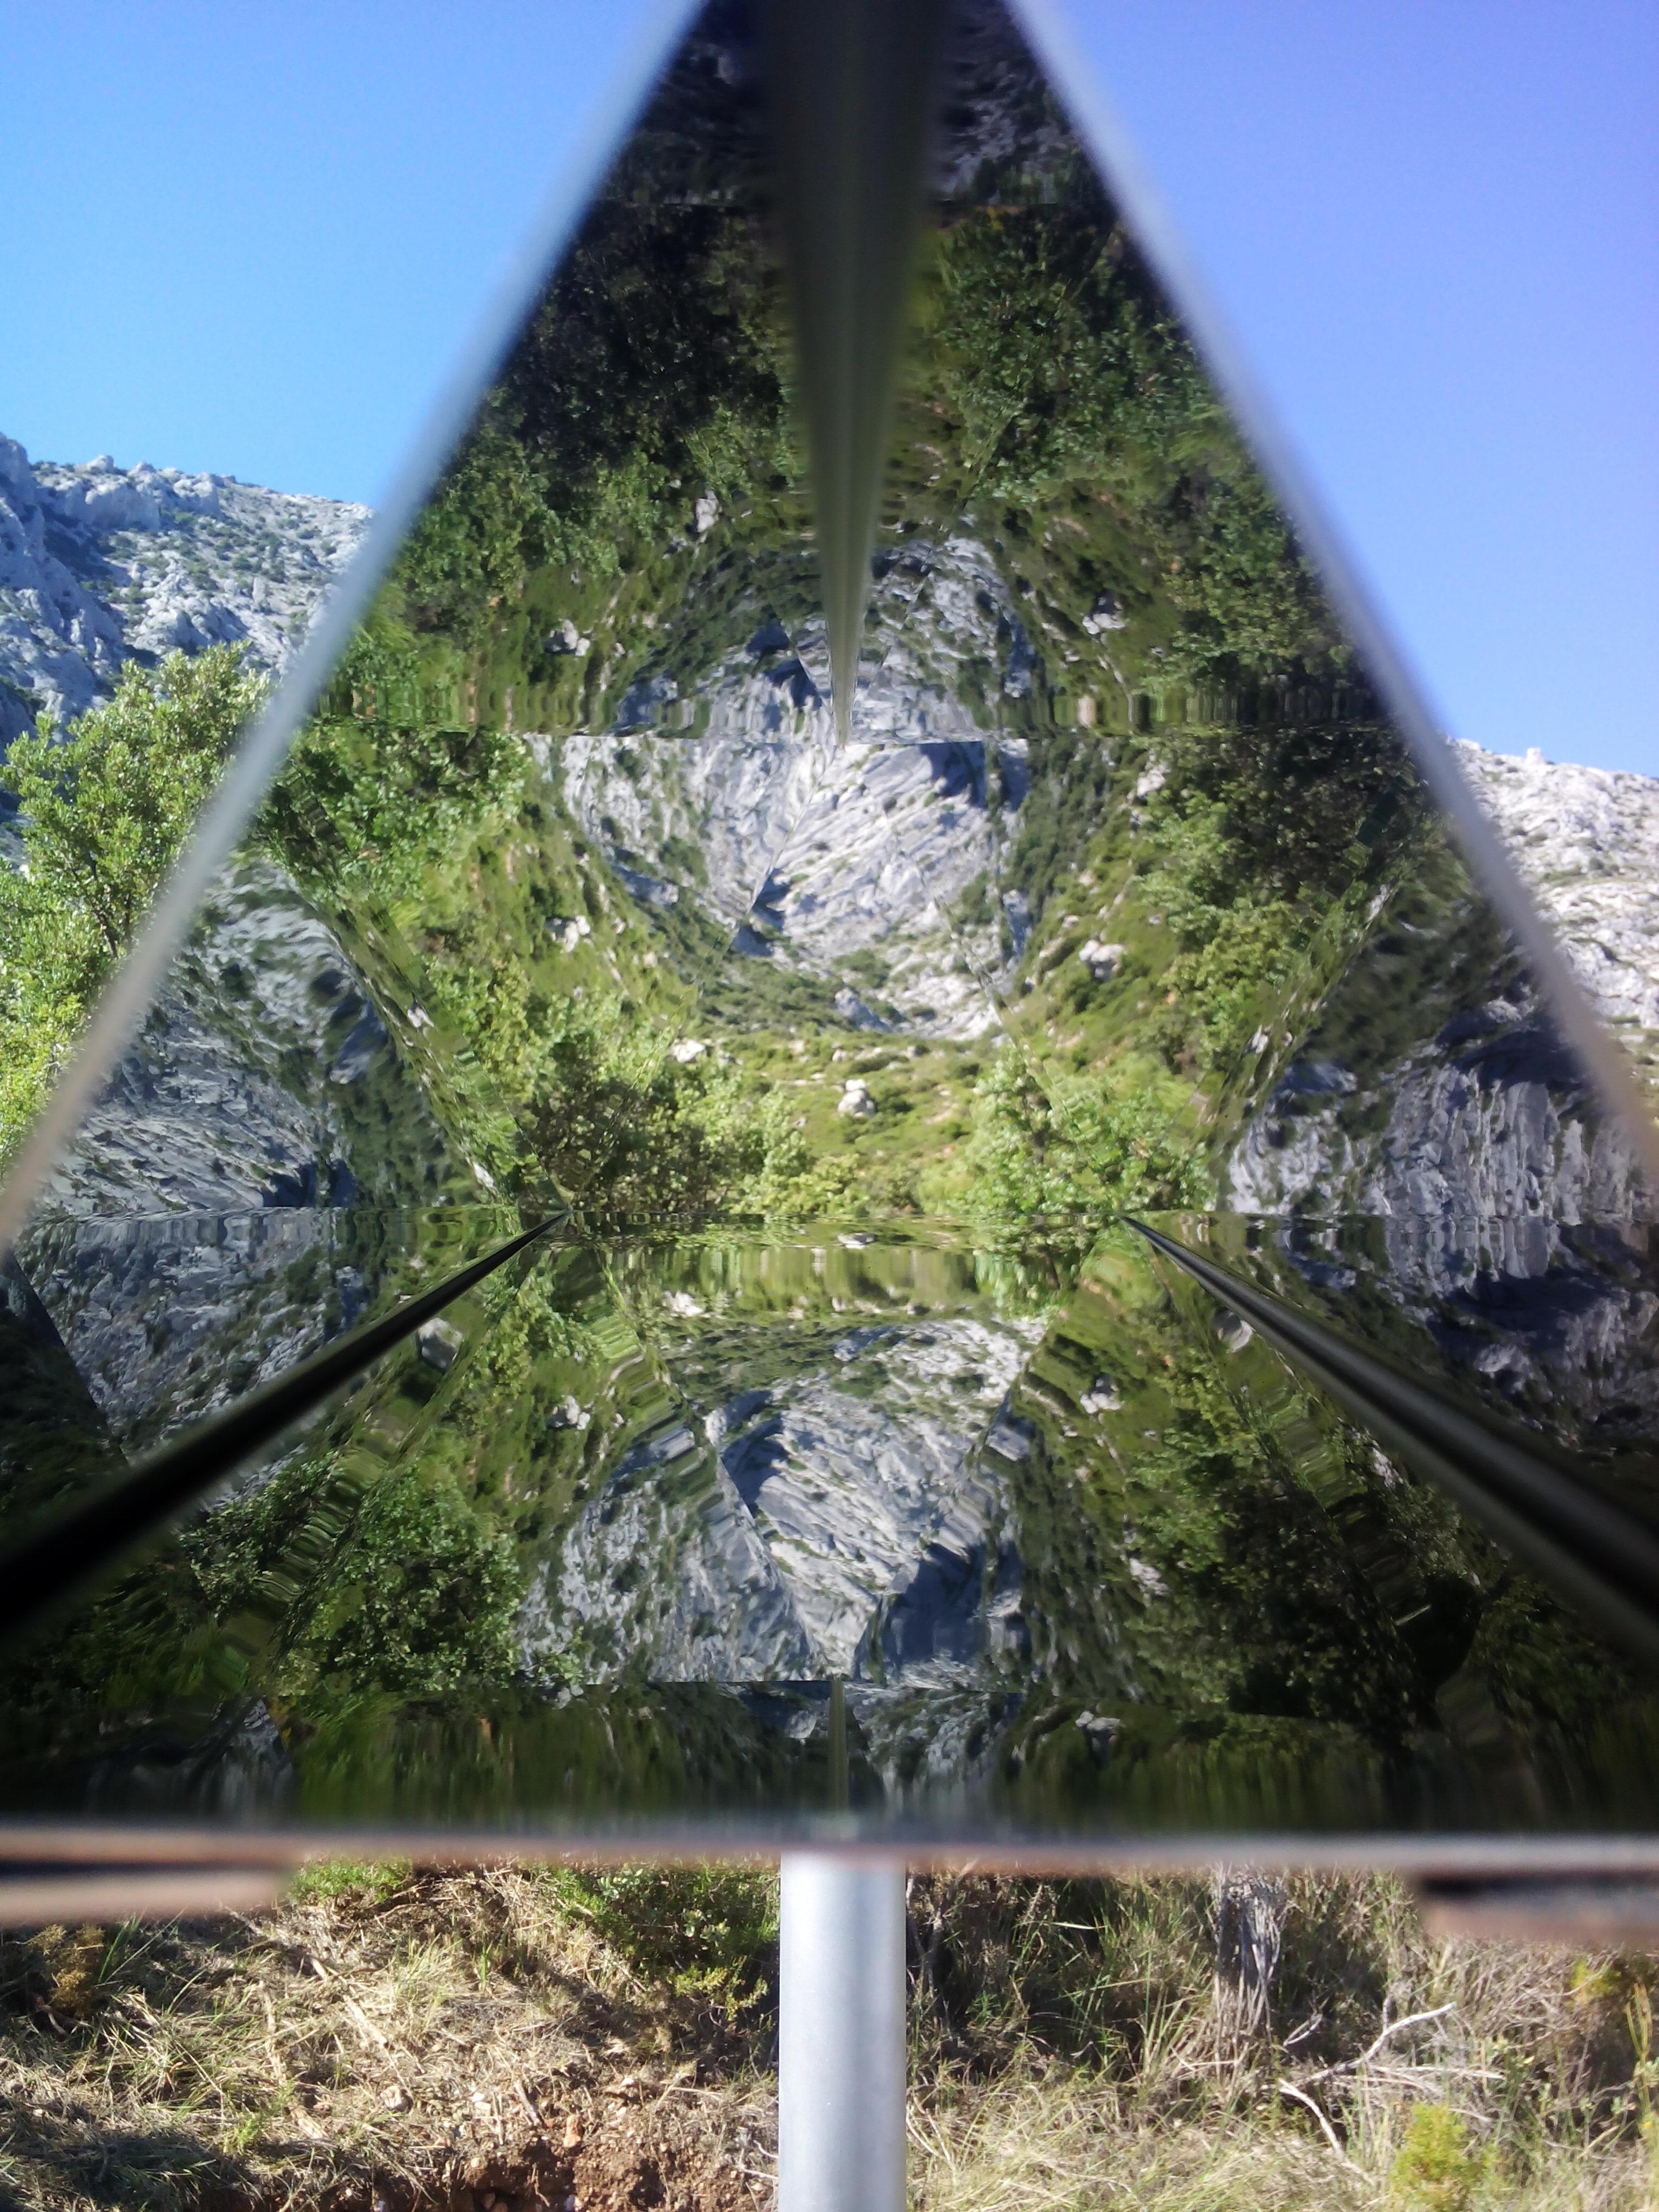 """Esther Kokmeijer, """" A mountain destroyed itself at the same pace as in it was created """" (Une montagne s'auto-détruit à la même vitesse qu'elle a été créée), 2014, inox poli, métal, 200X150 cm, courtesy de l'artiste."""